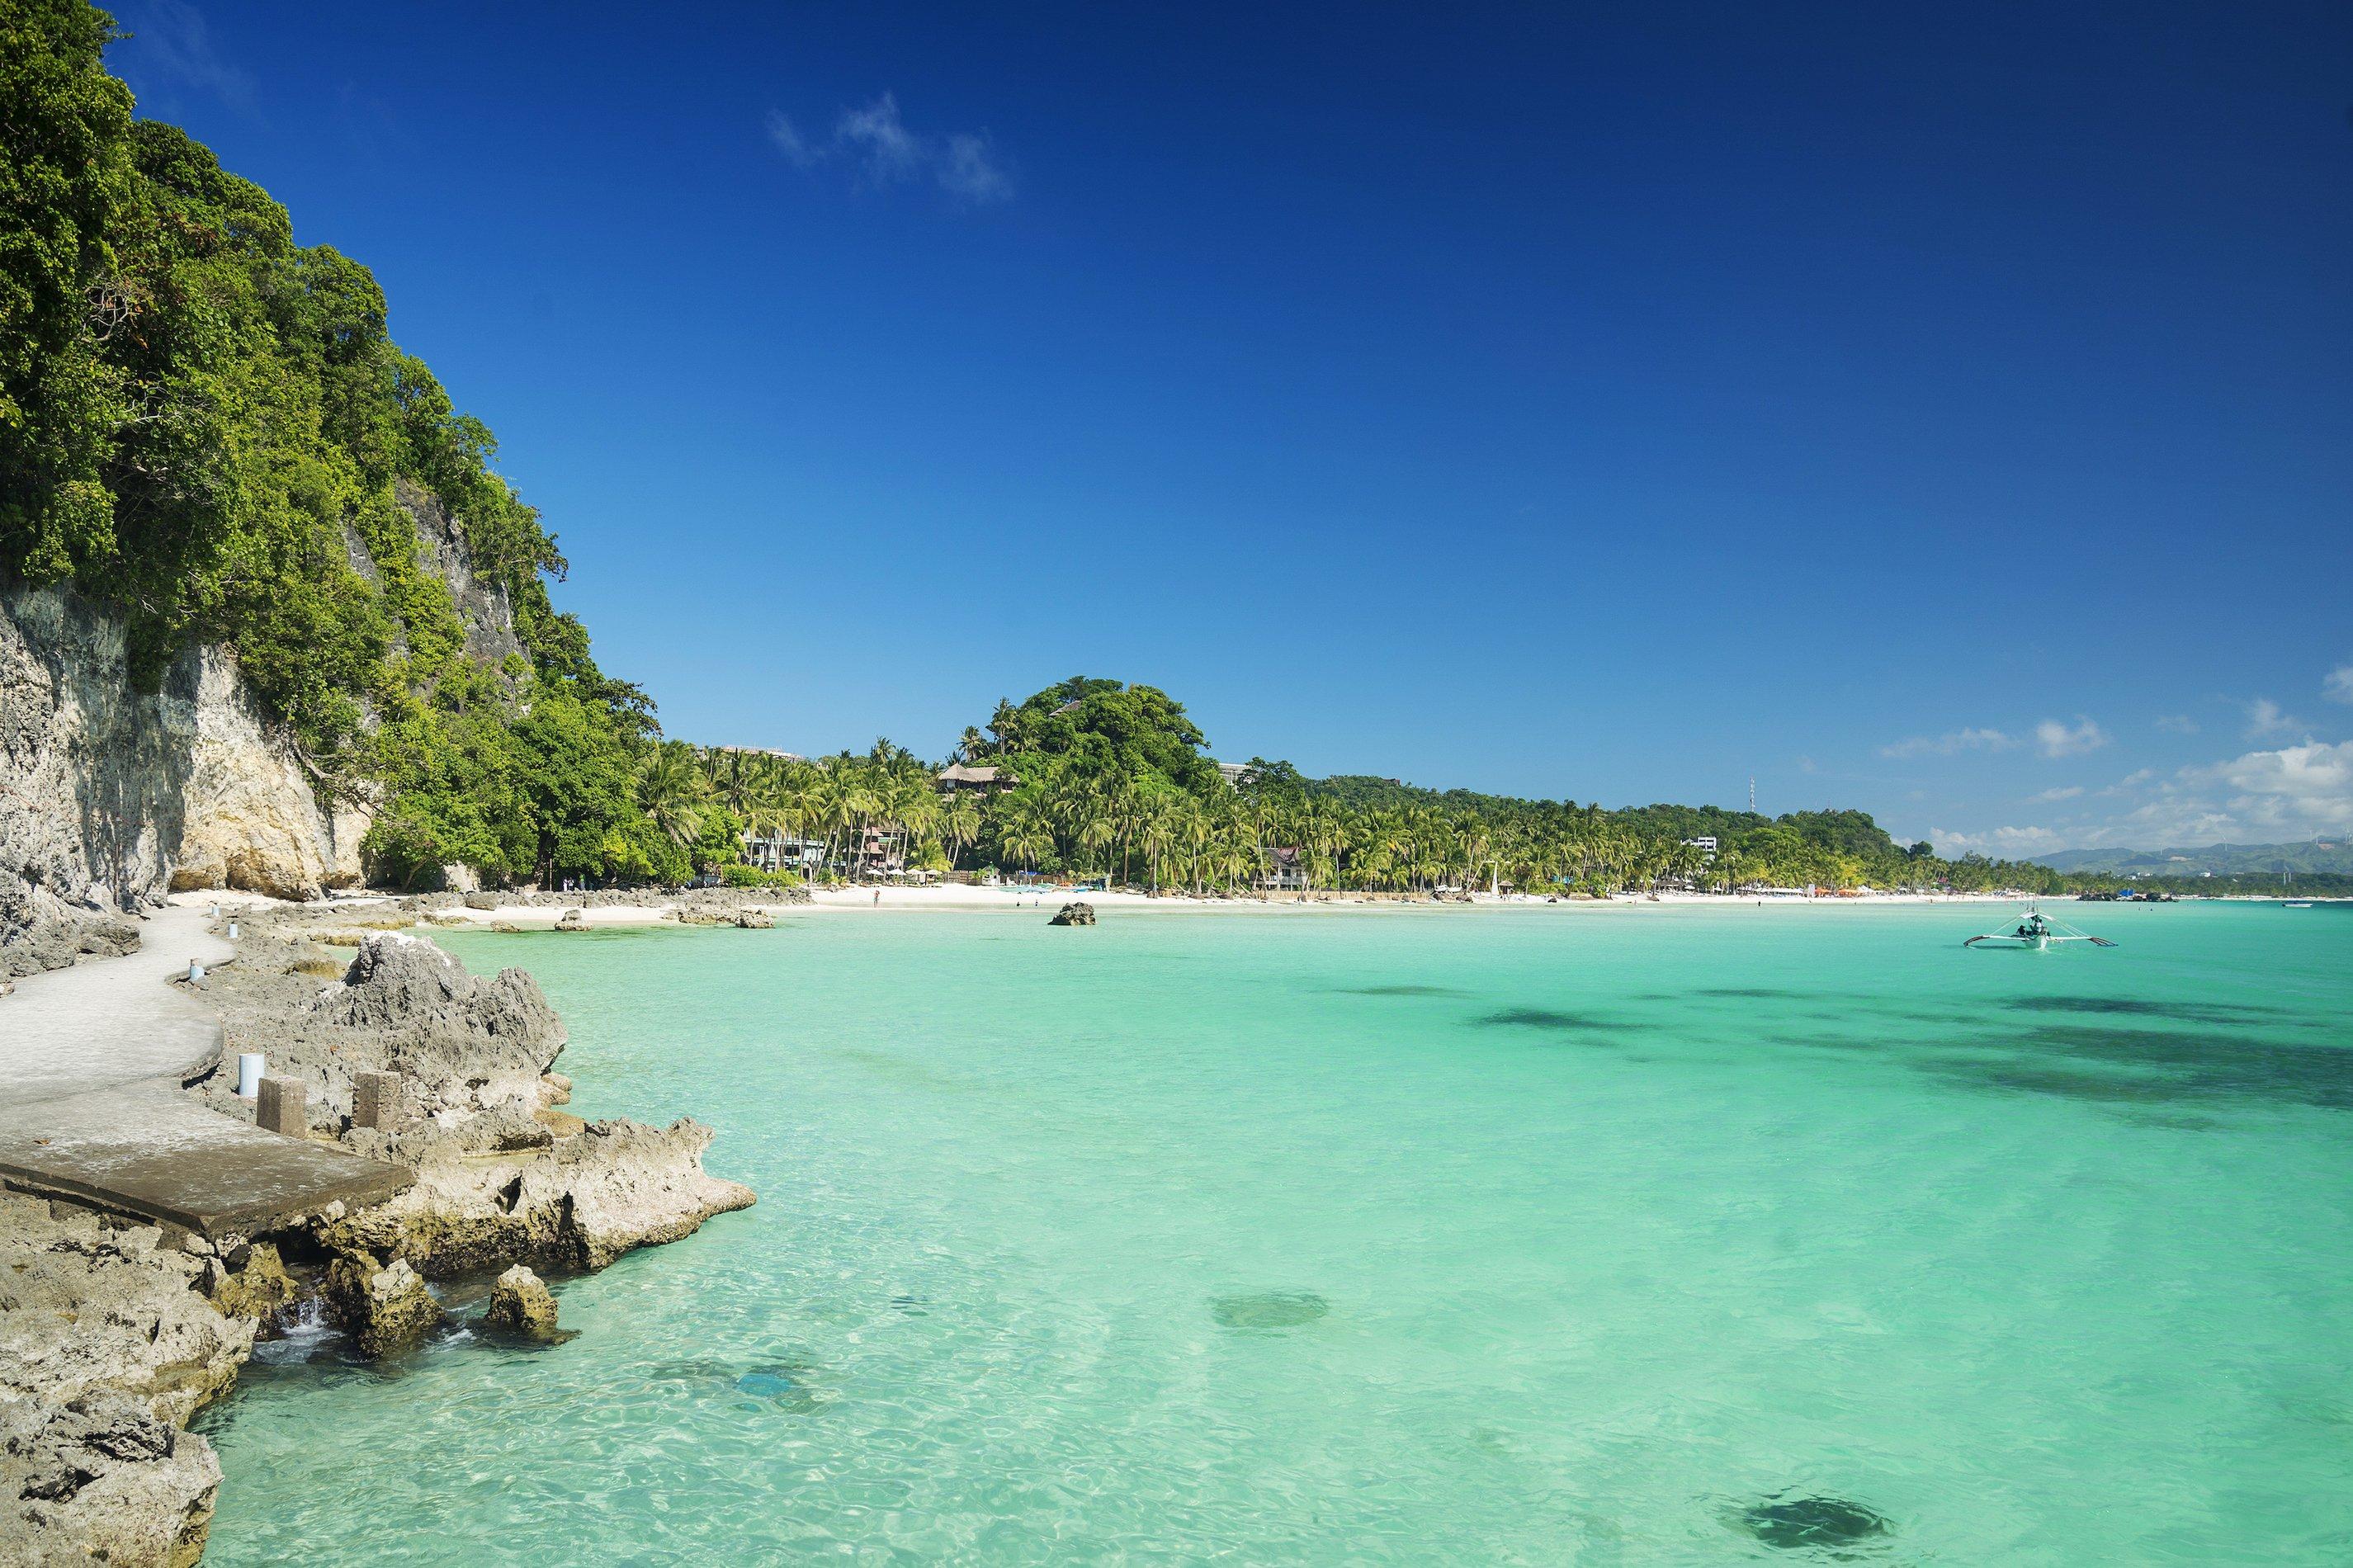 La spiaggia di Diniwid è una delle spiagge più belle dell'isola di Boracay, Filippine